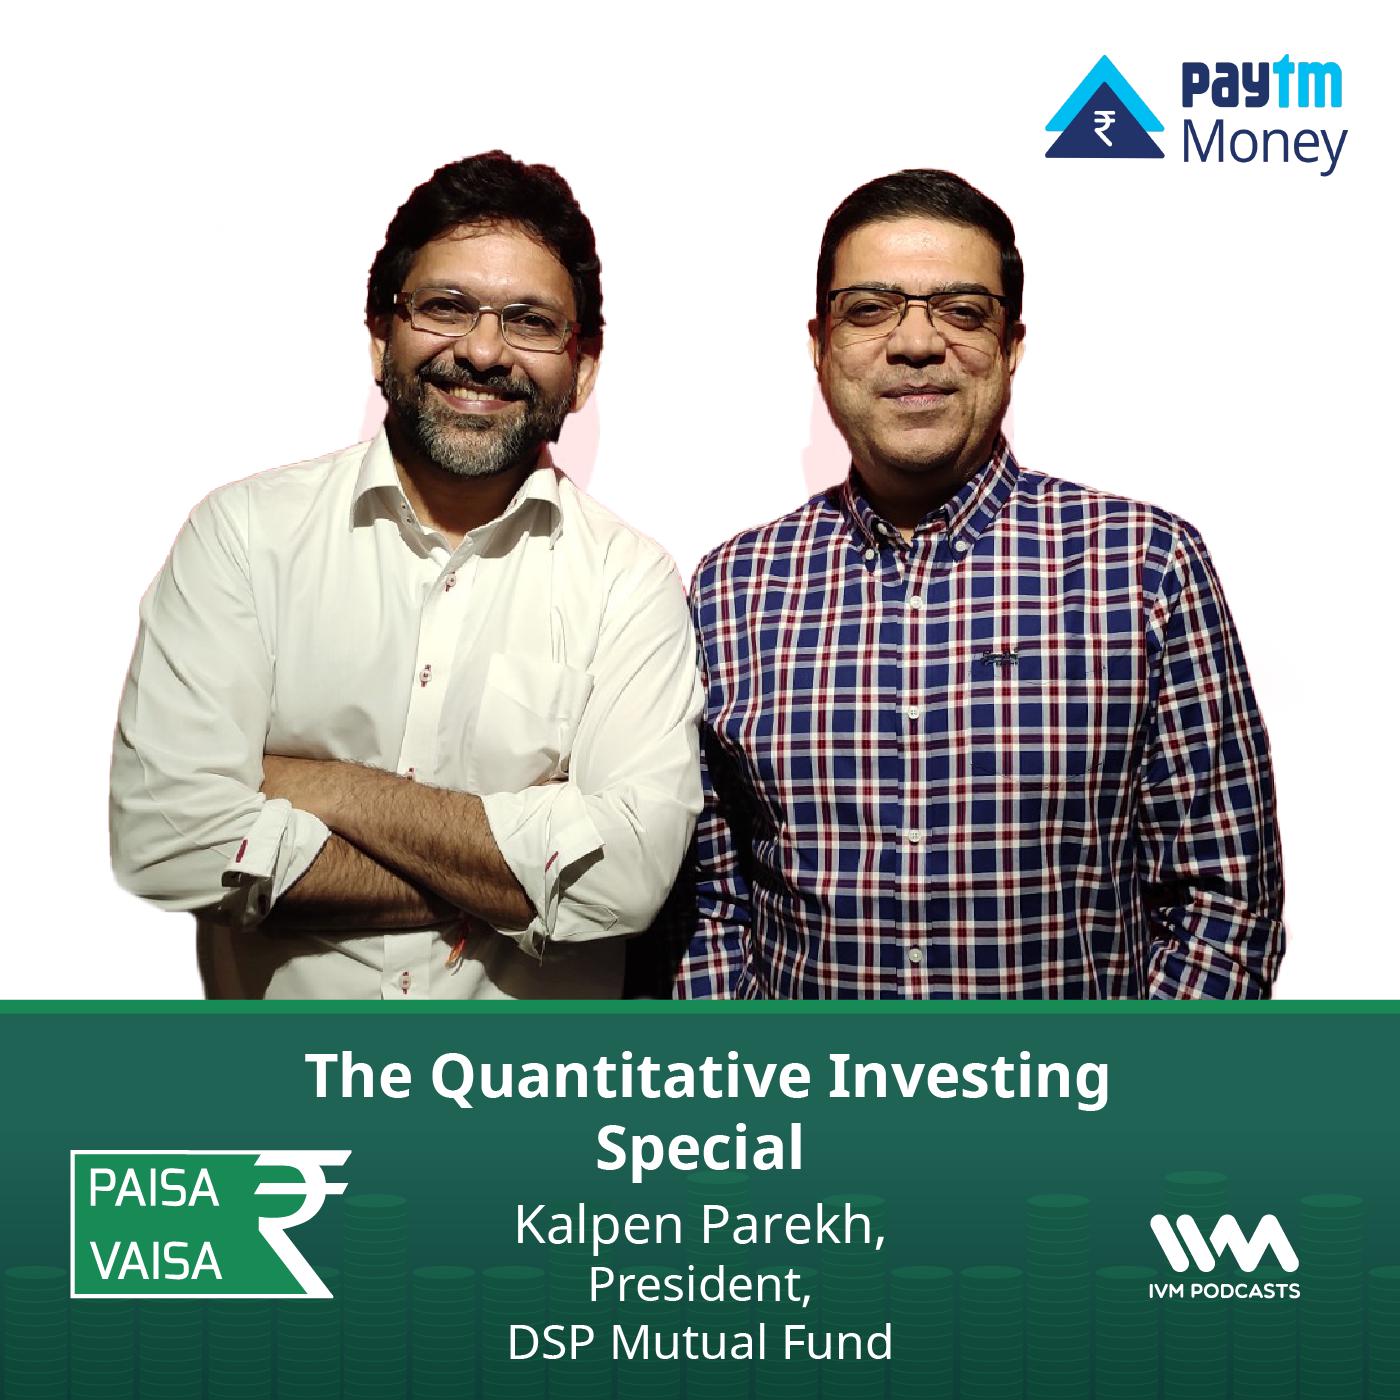 Ep. 231: The Quantitative Investing Special